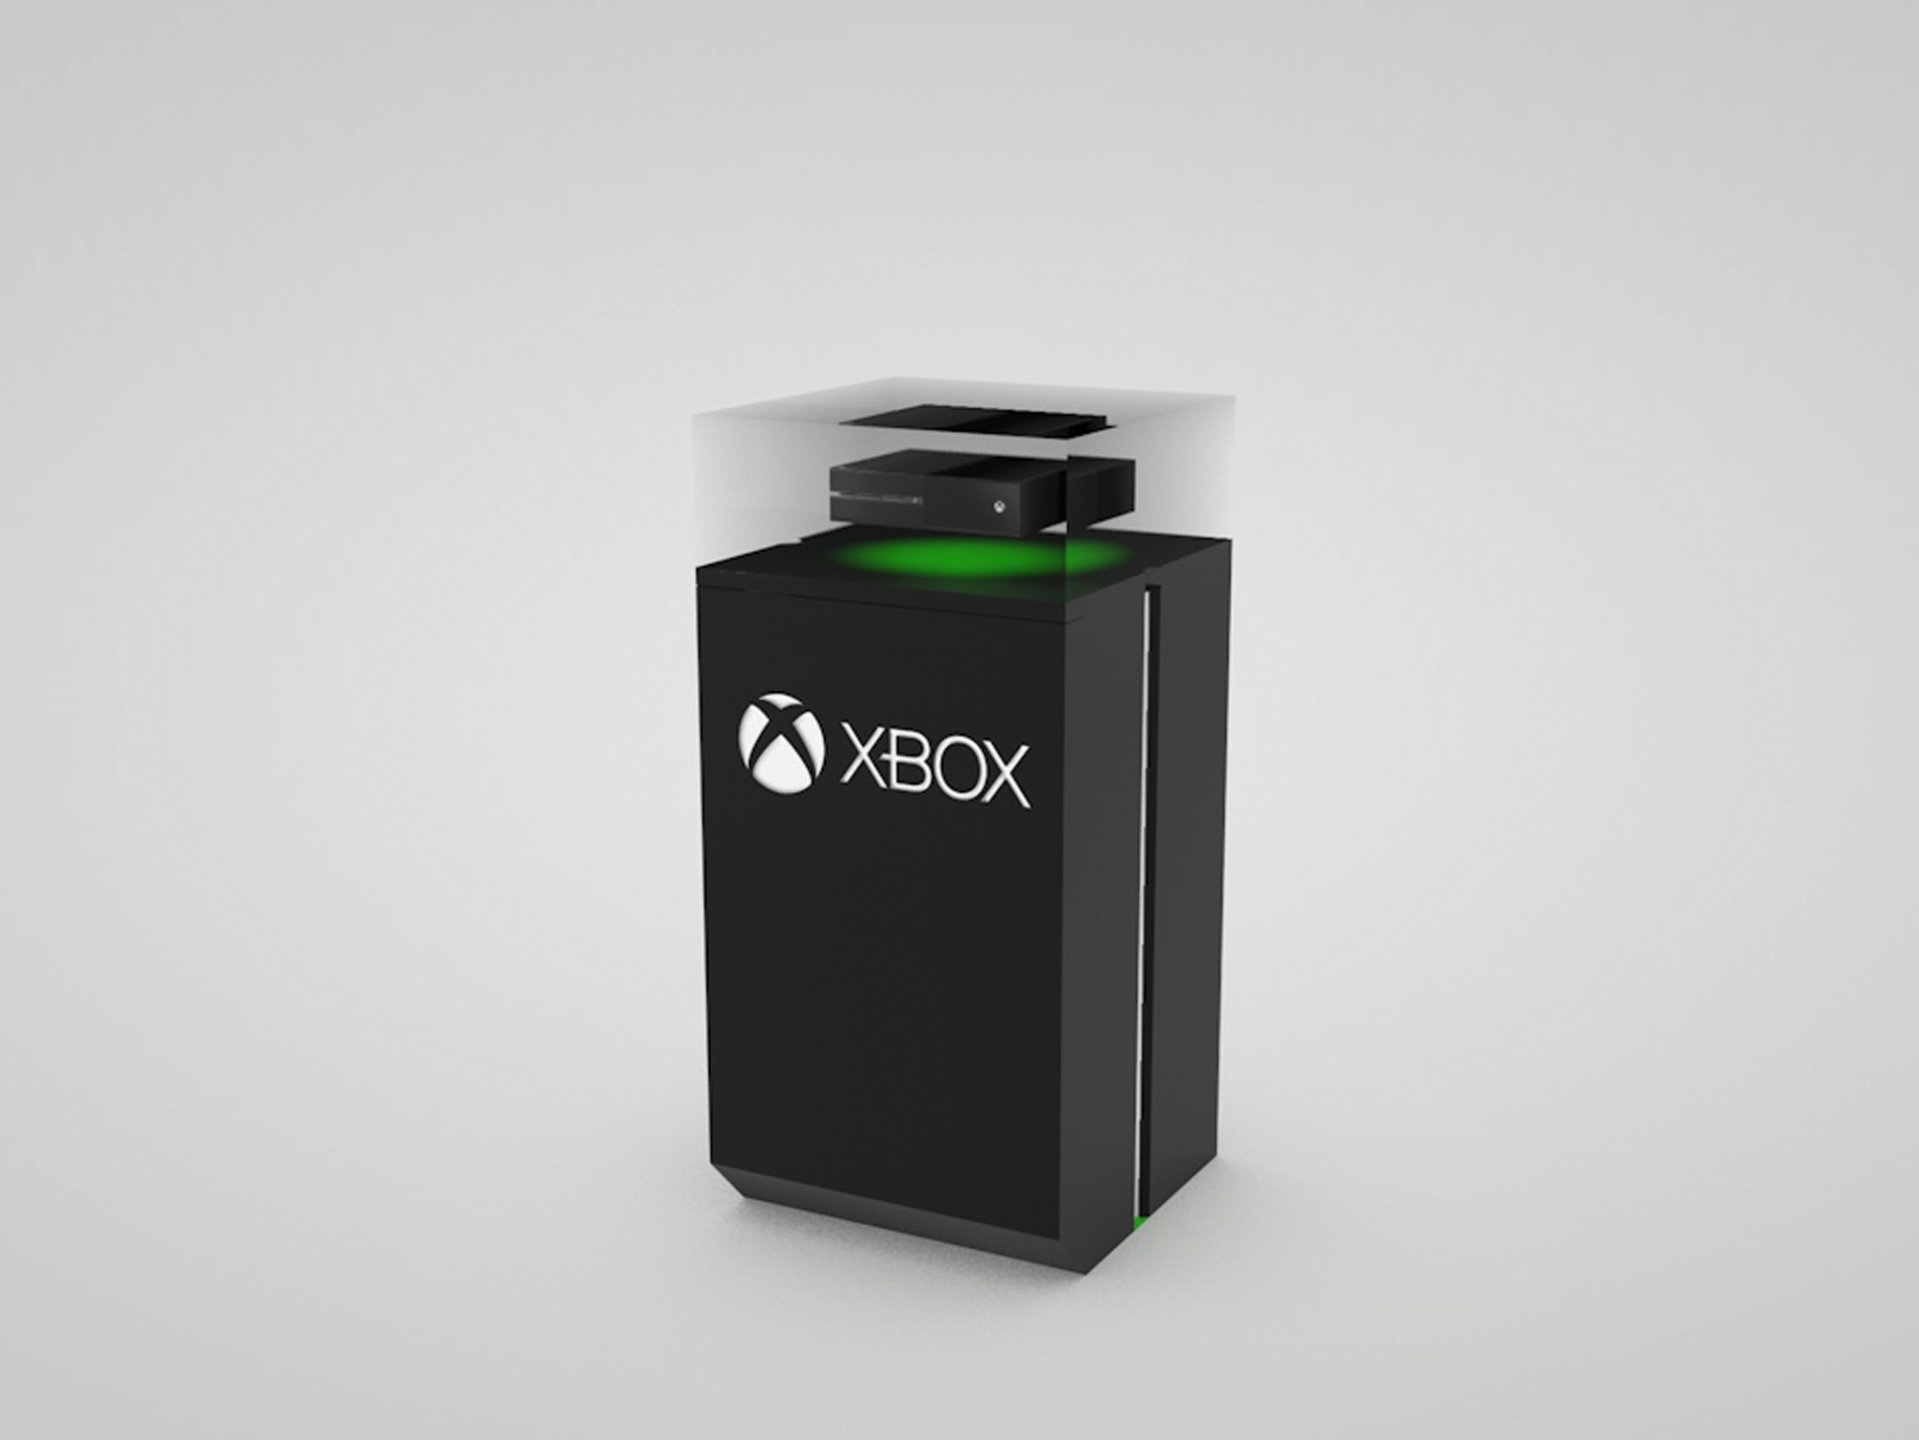 Xbox-img-008